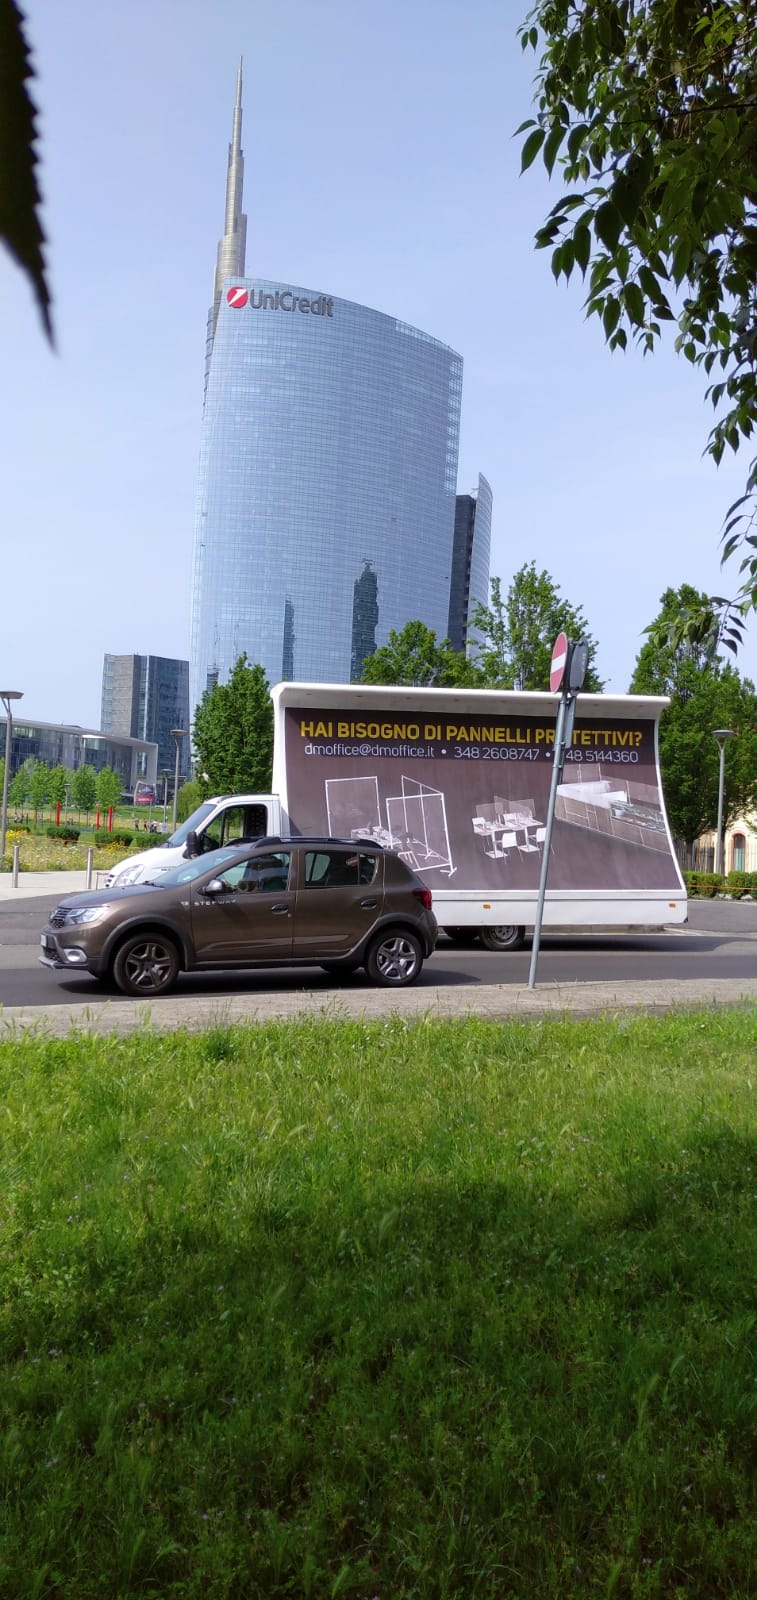 camion vela a Milano